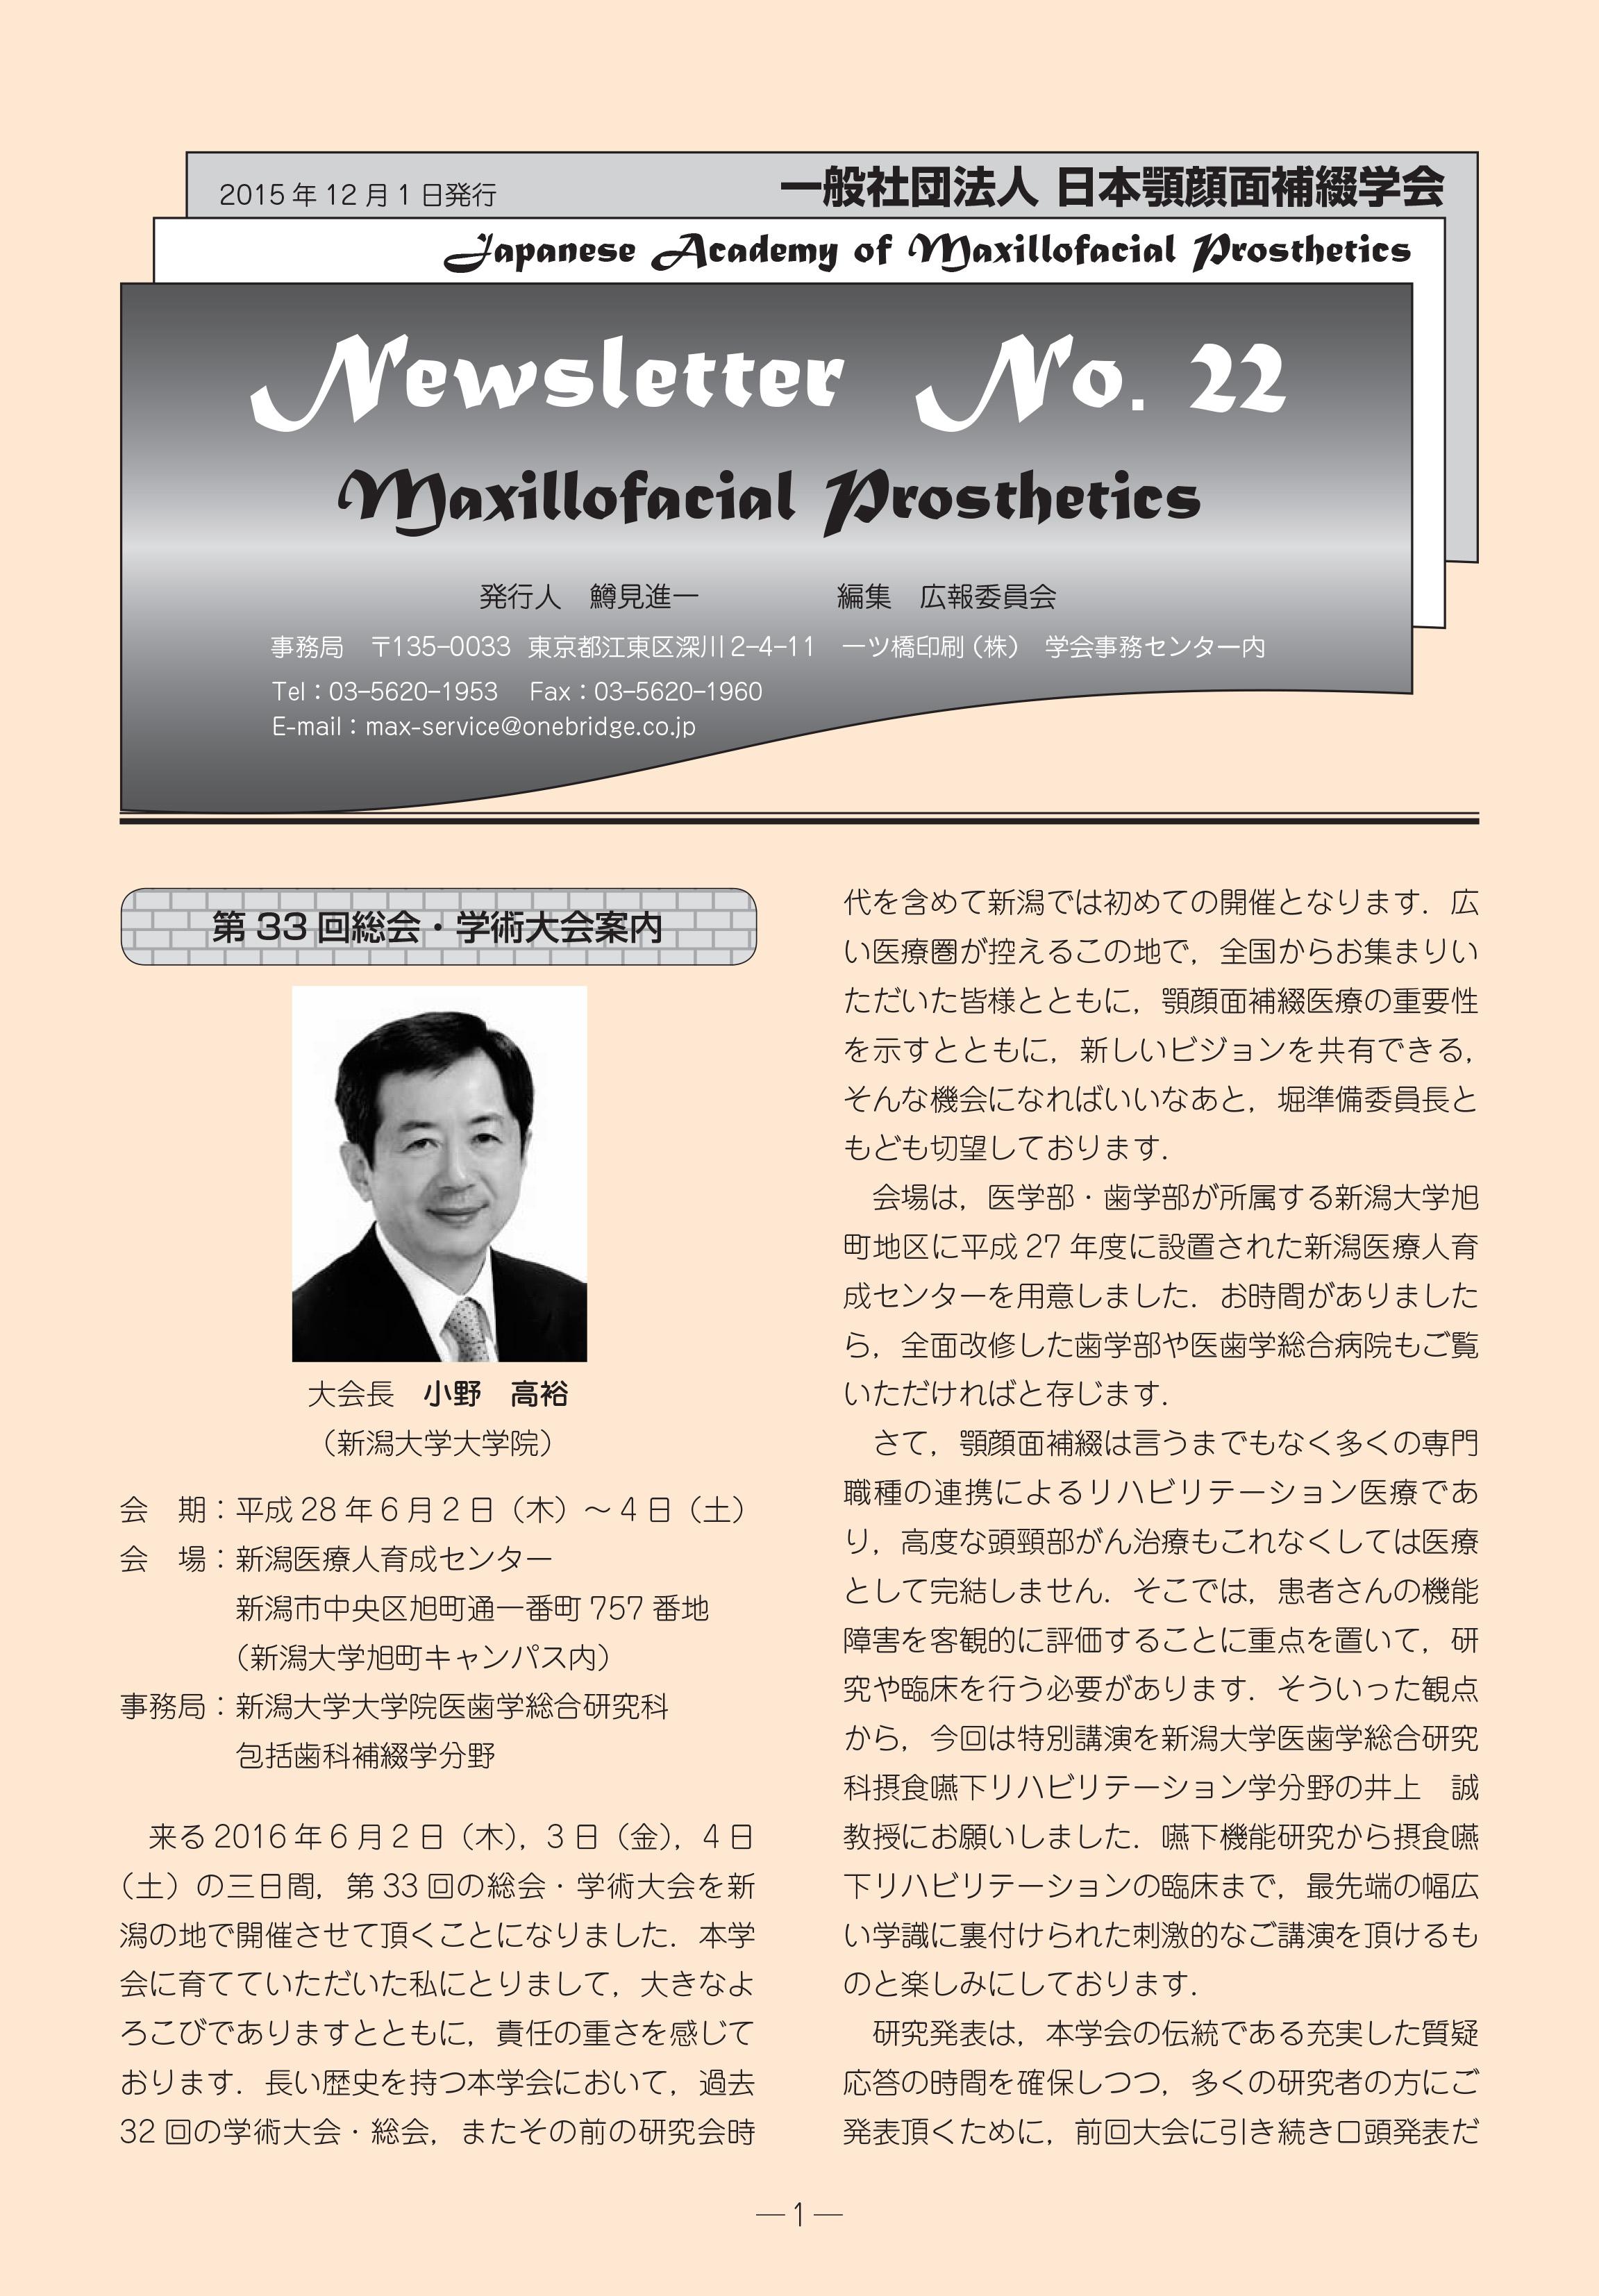 ニュースレター No.22